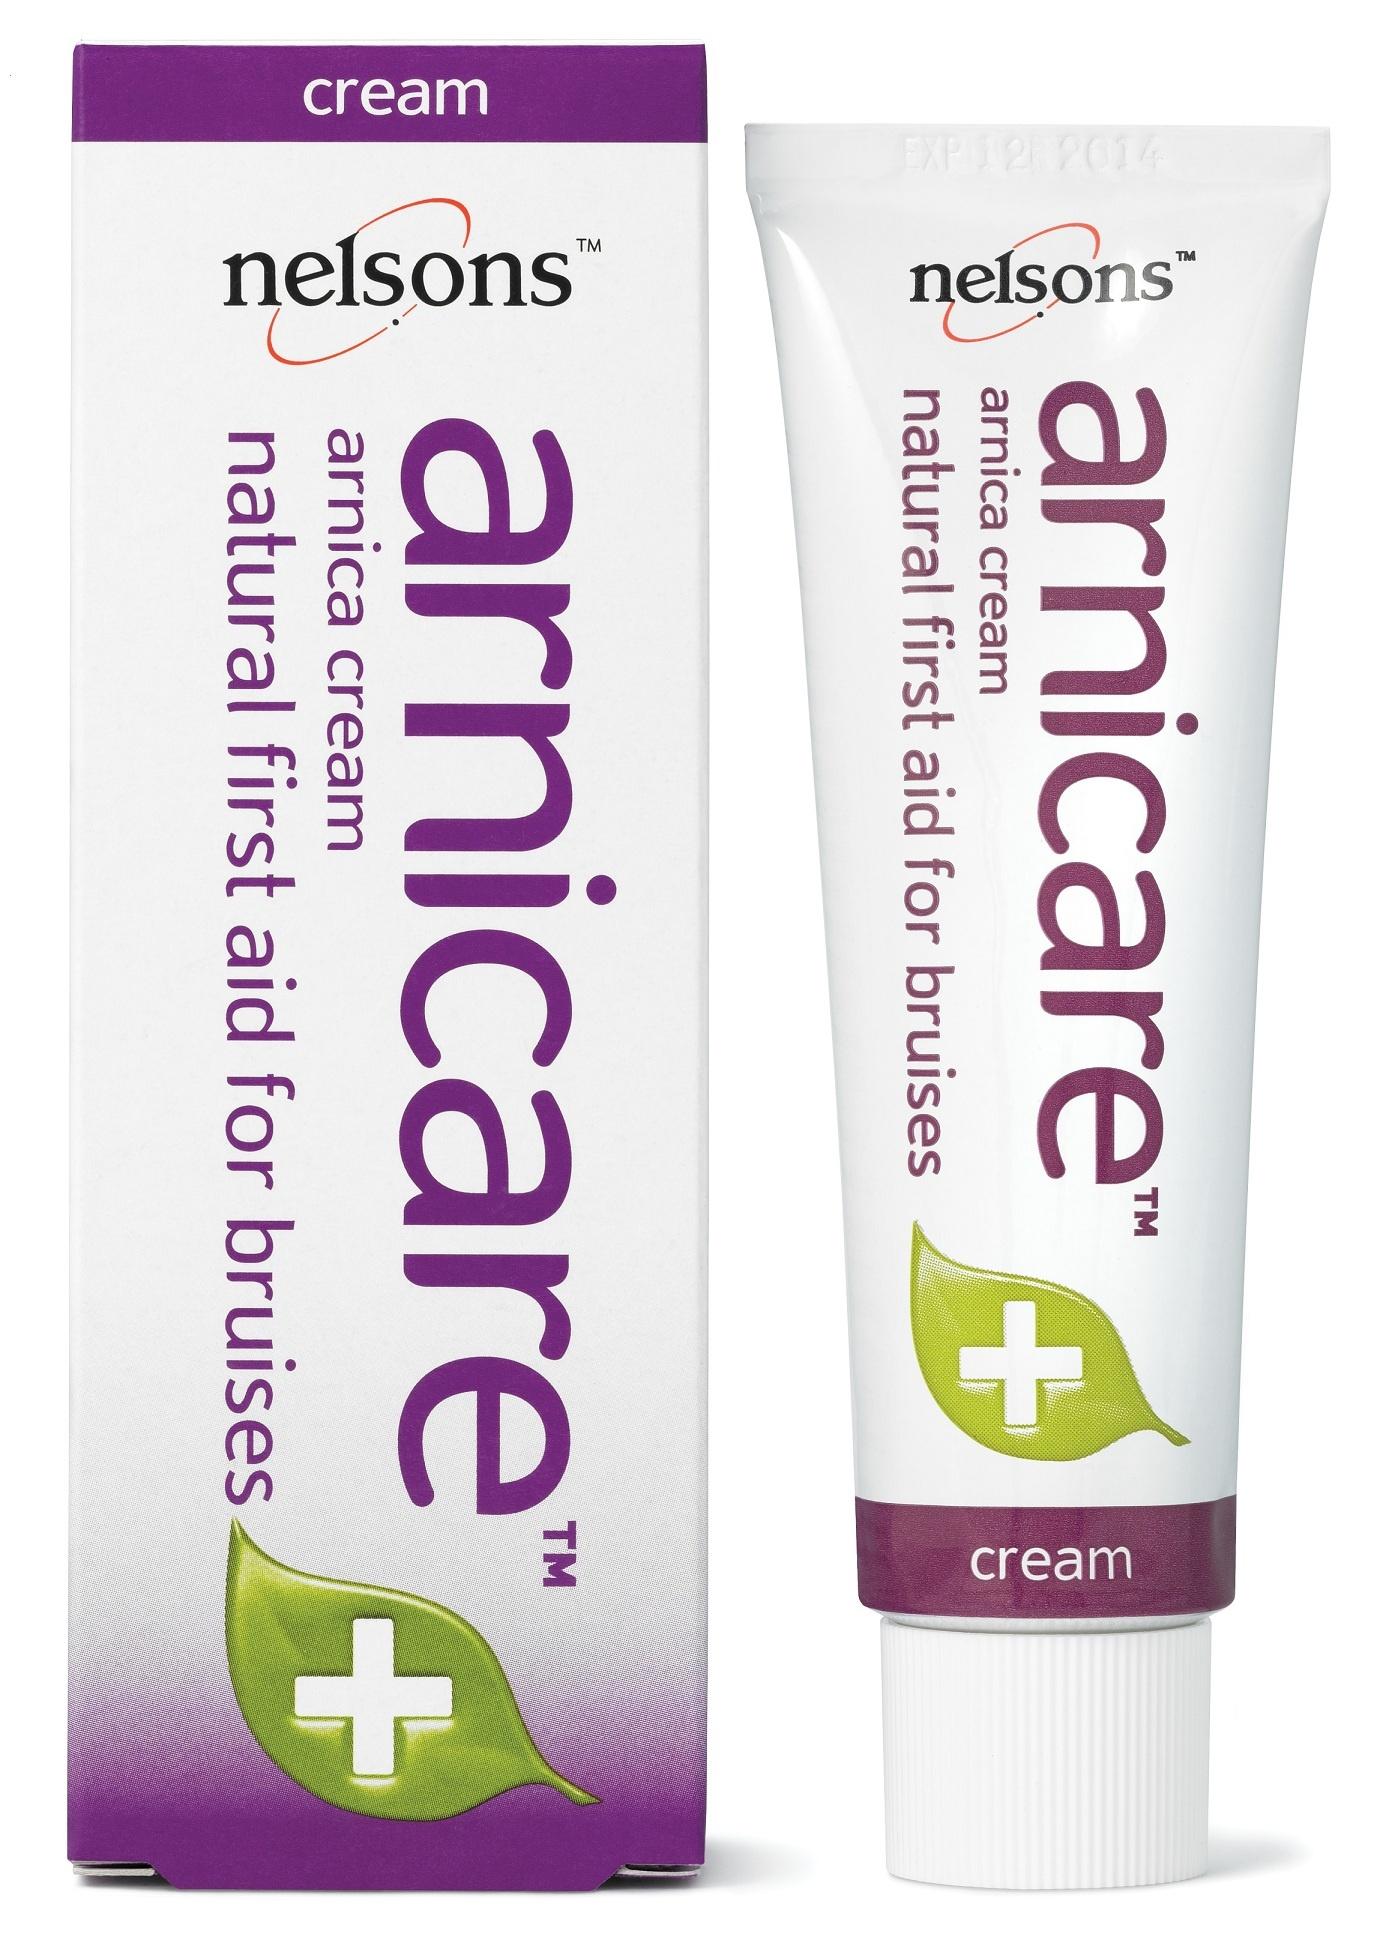 Nelsons Arnicare cream 50g